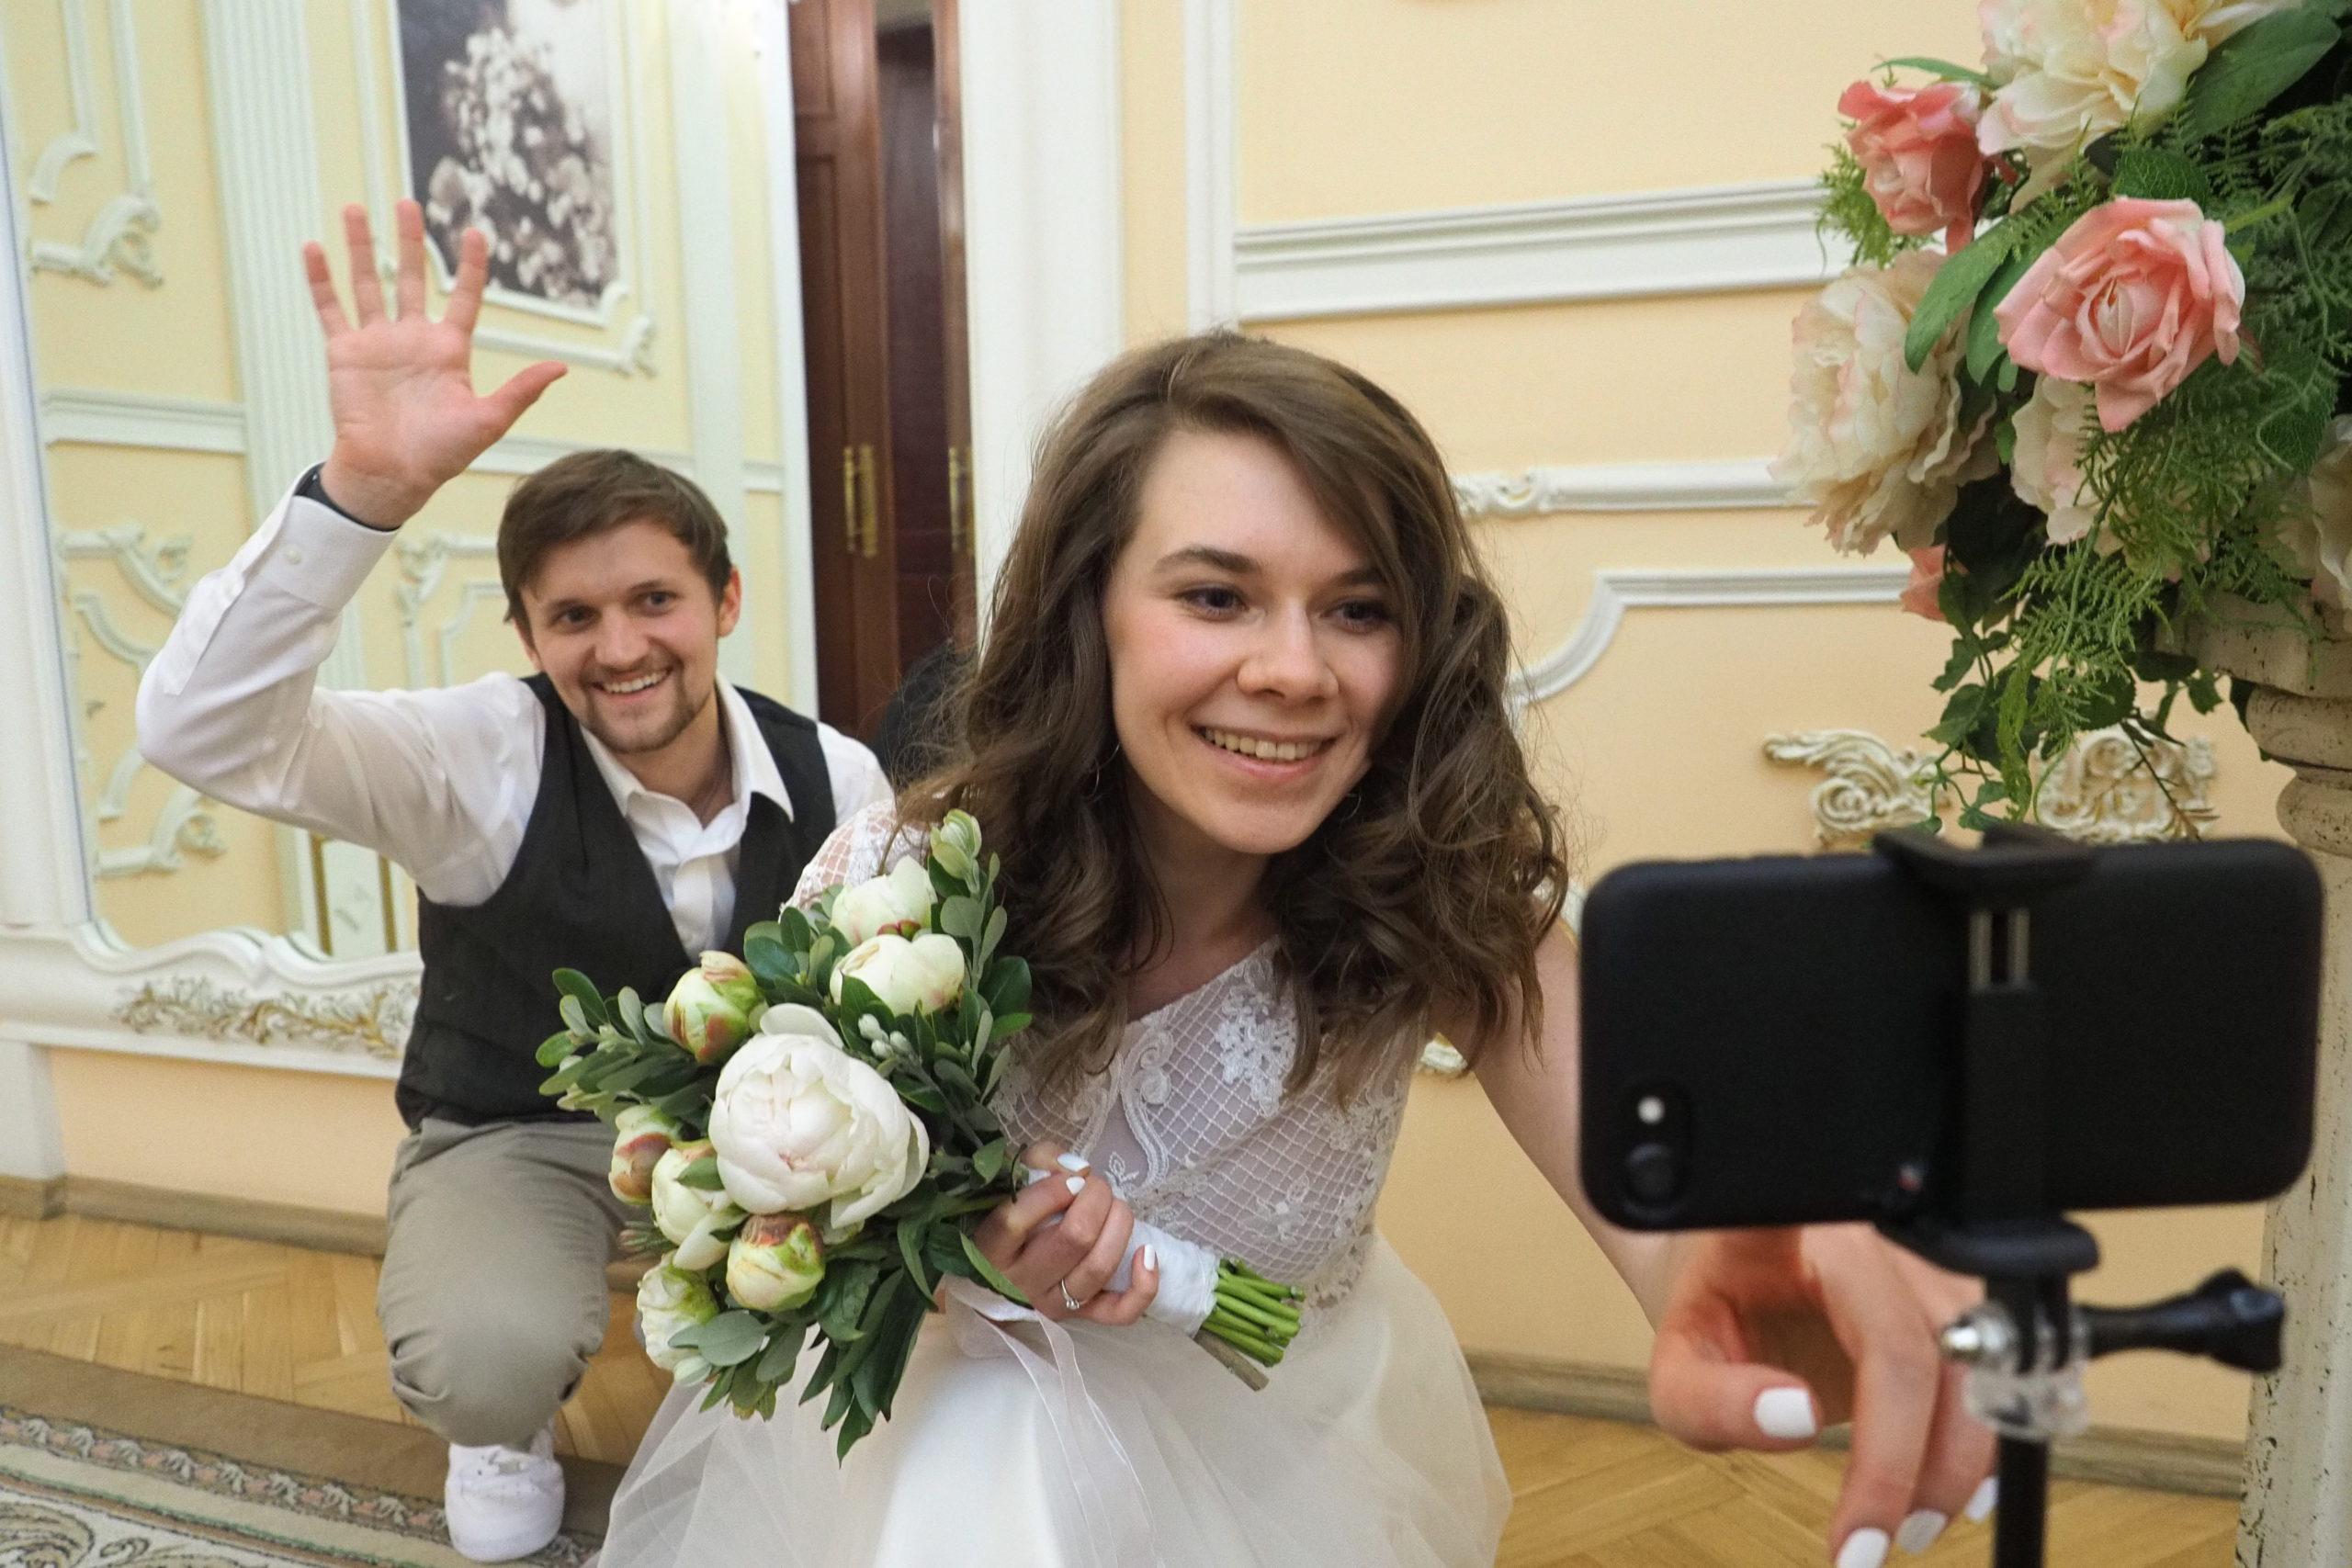 В ЗАГС рассказали, как часто женятся москвичи в новогодние праздники. Фото: Павел Волков, «Вечерняя Москва»